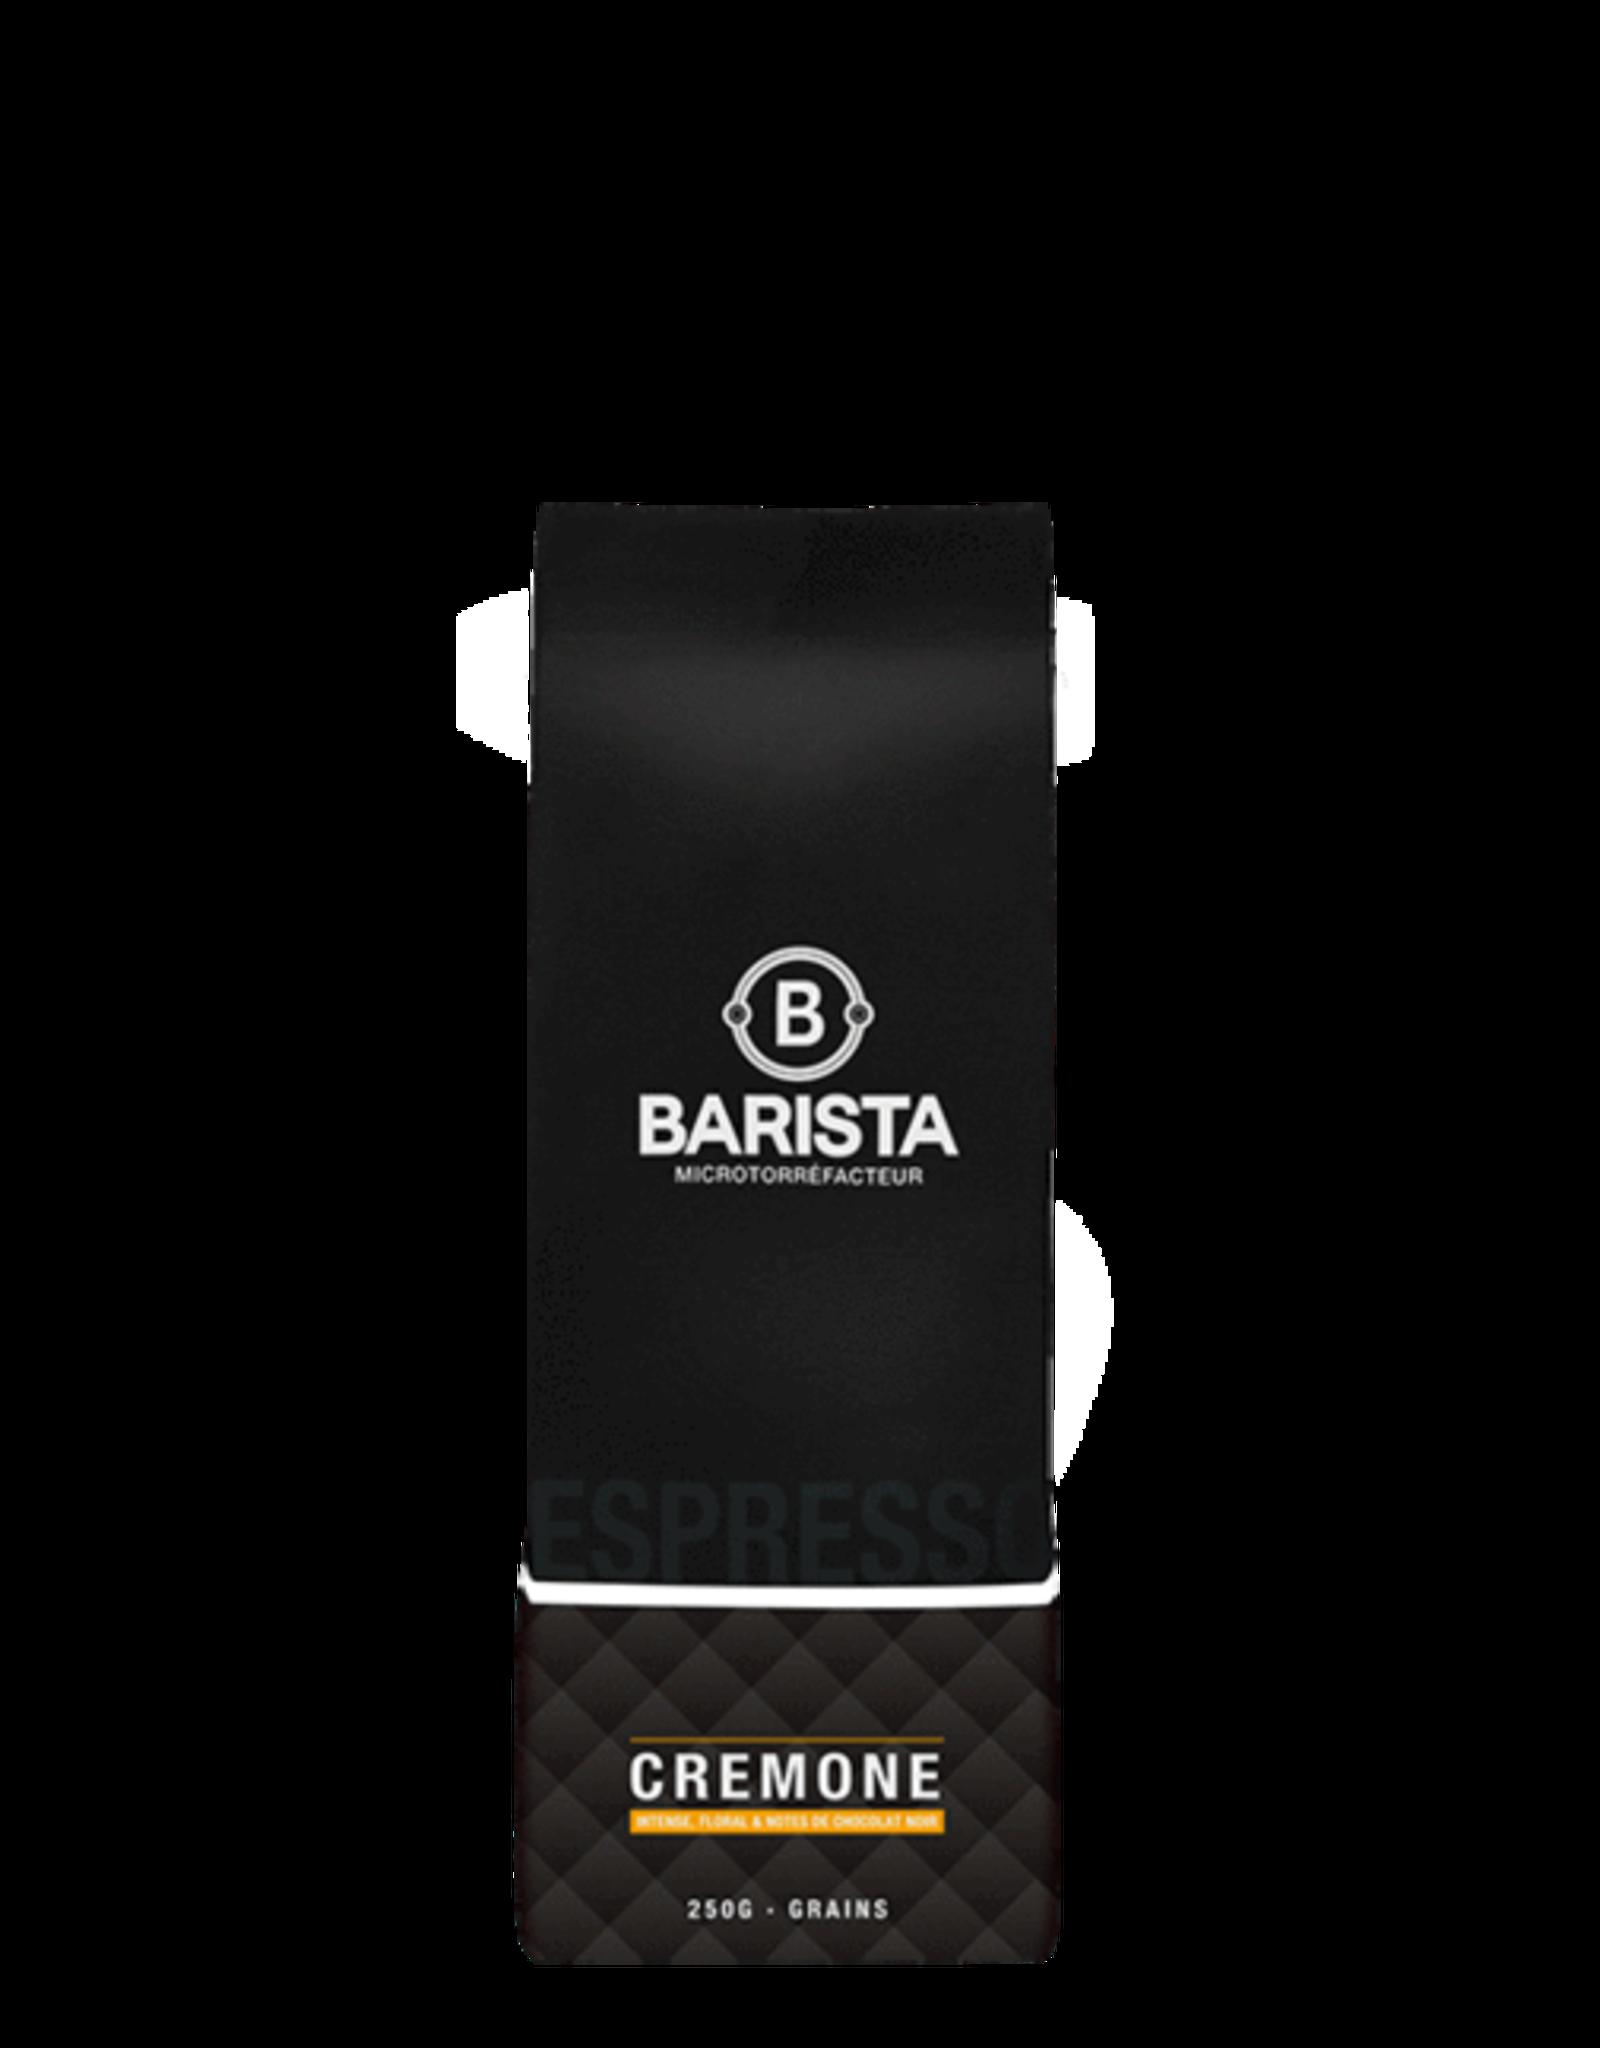 BARISTA CAFÉ BARISTA